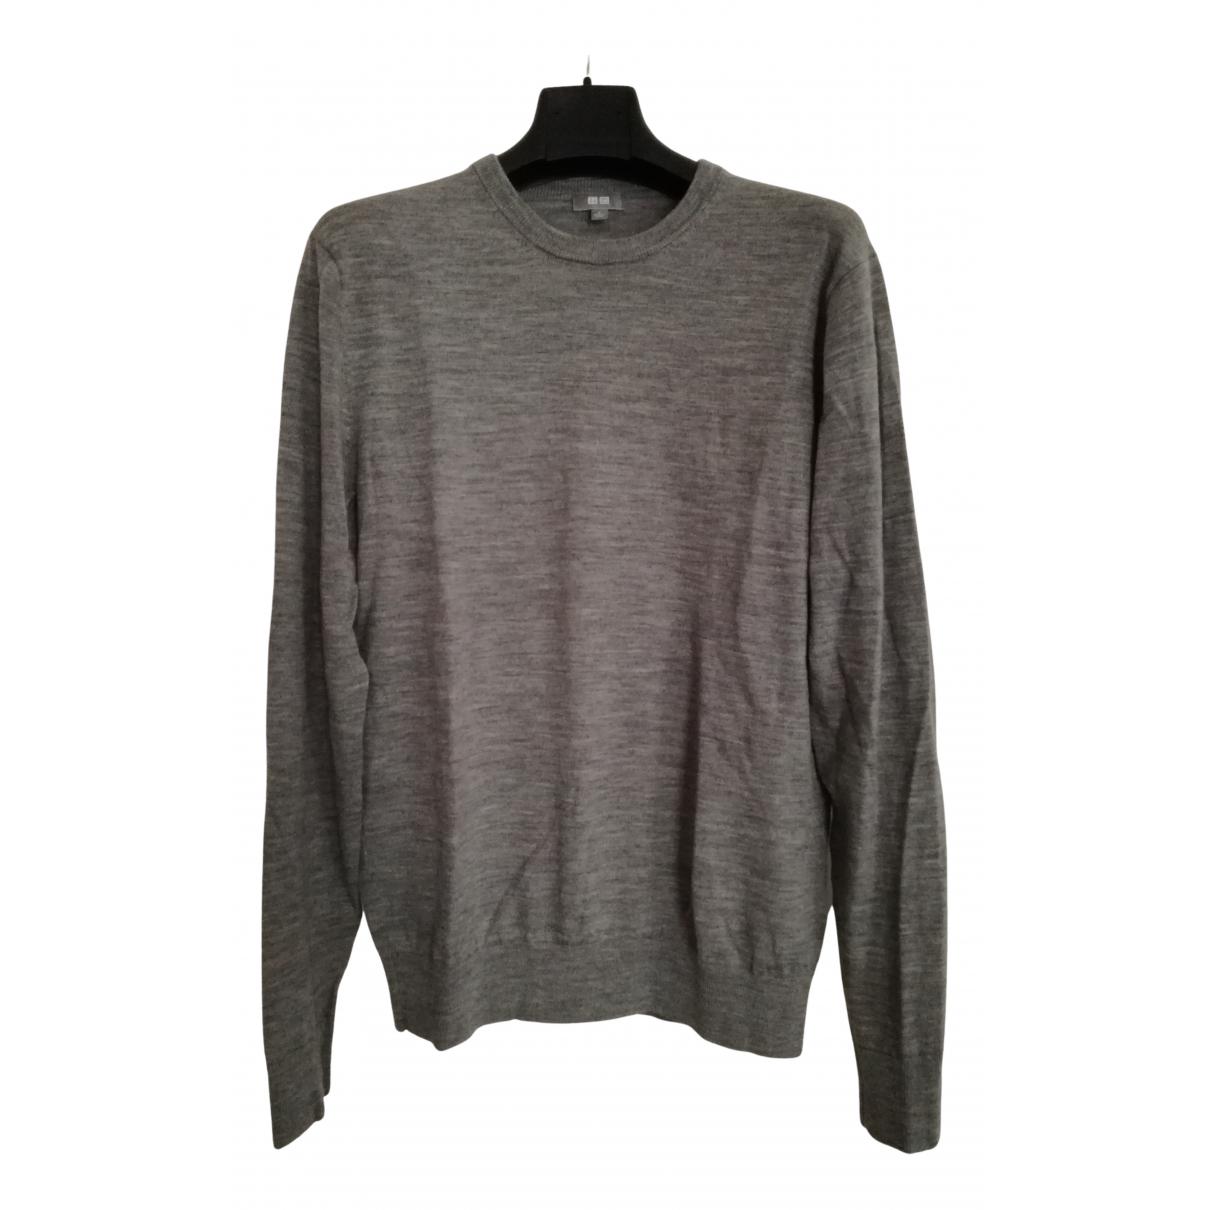 Uniqlo - Pull   pour femme en laine - gris